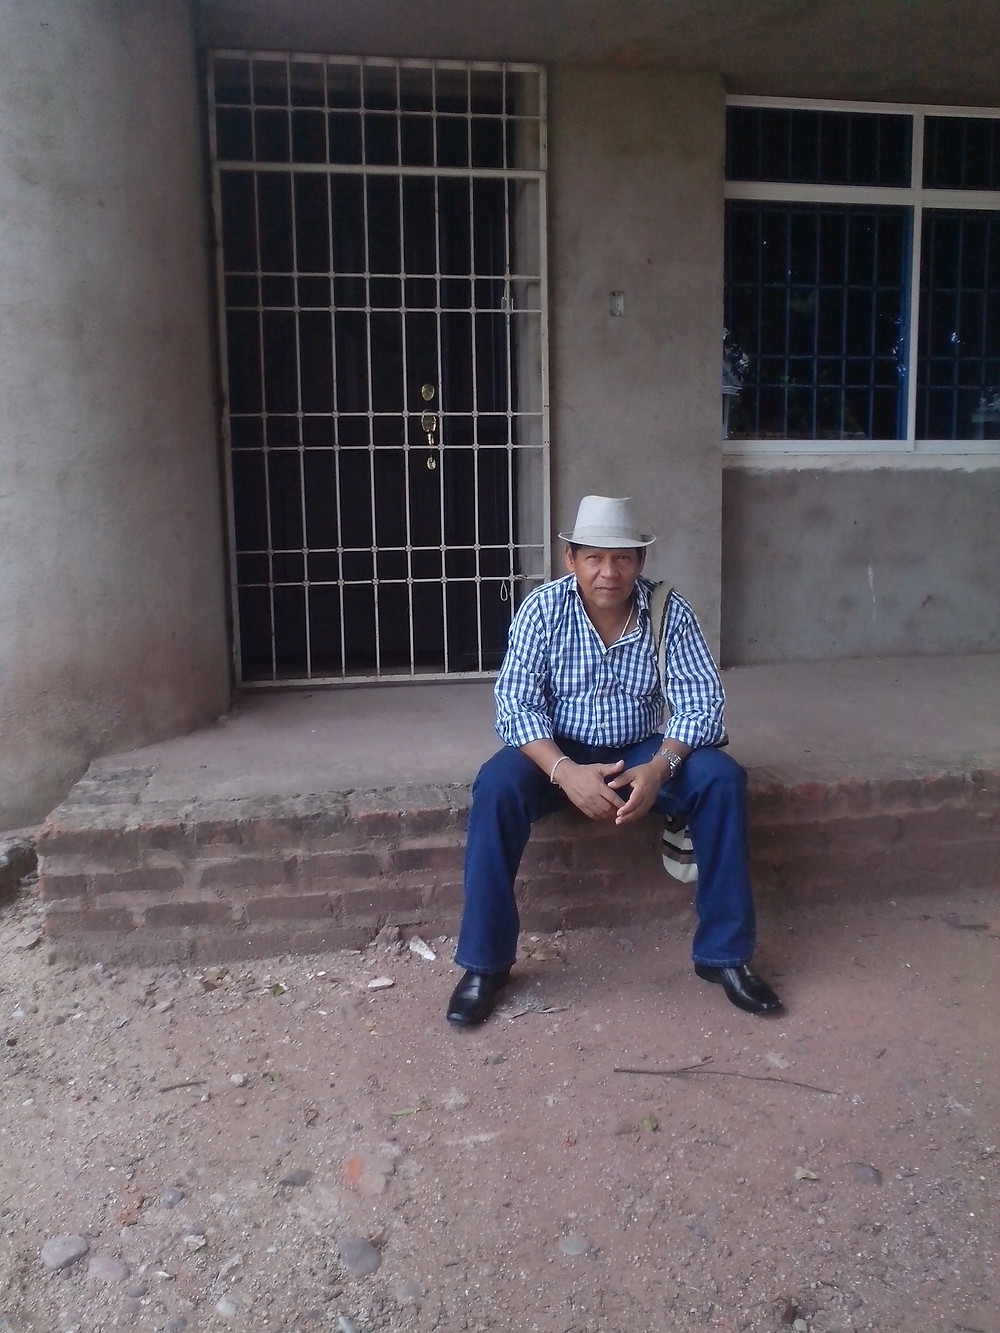 Rosendo Romero, en la casa donde nación. Barrio El Cafetal en Villanueva, La Guajira. Foto: Mariaruth Mosquera.